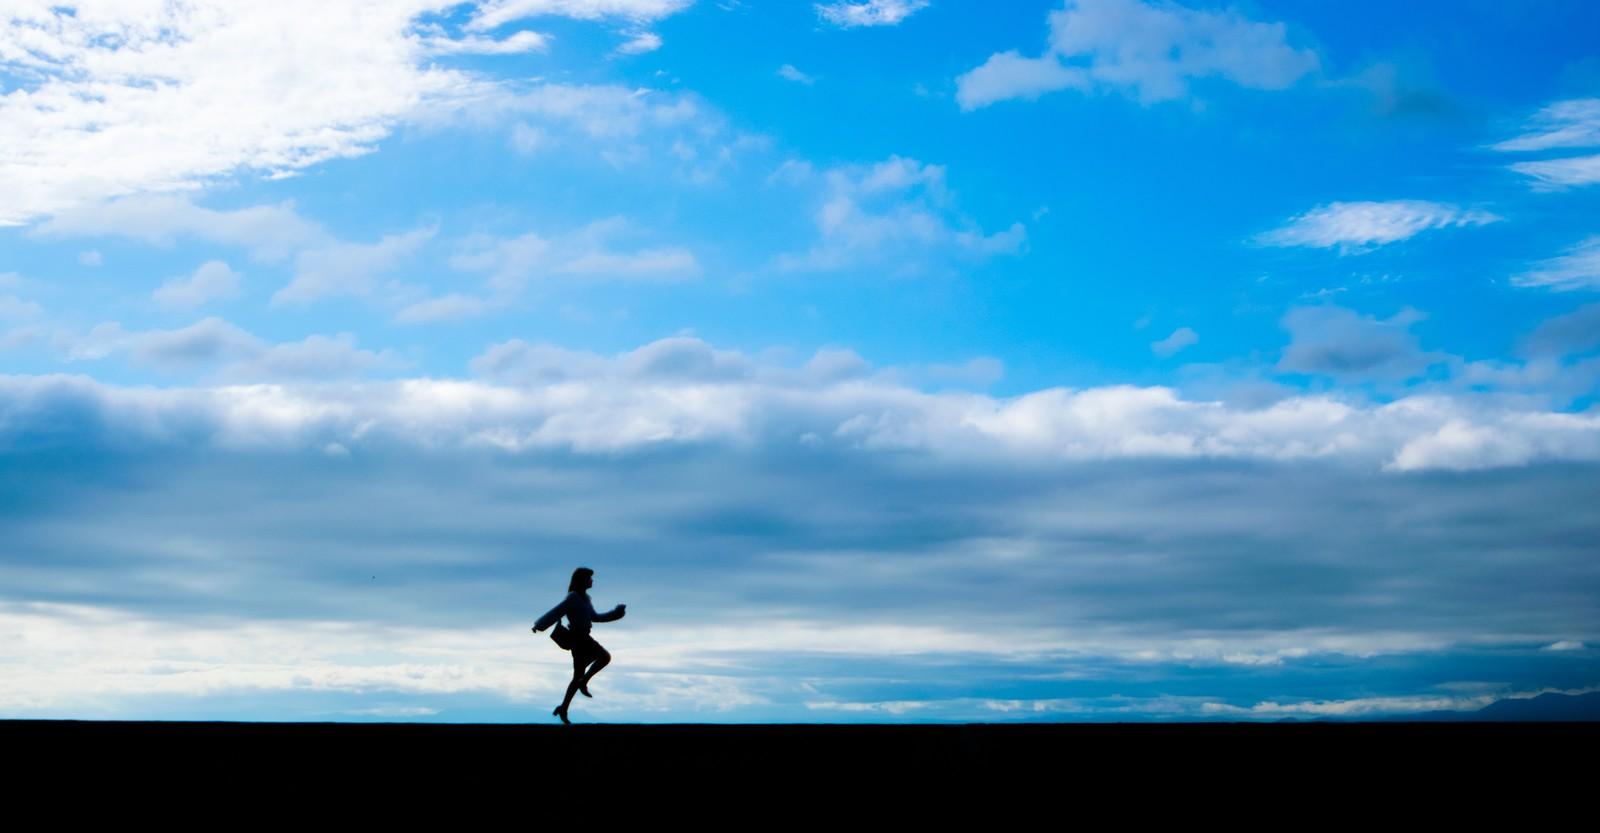 青空の中で、君の特別になりたいと土手を走っている人の画像